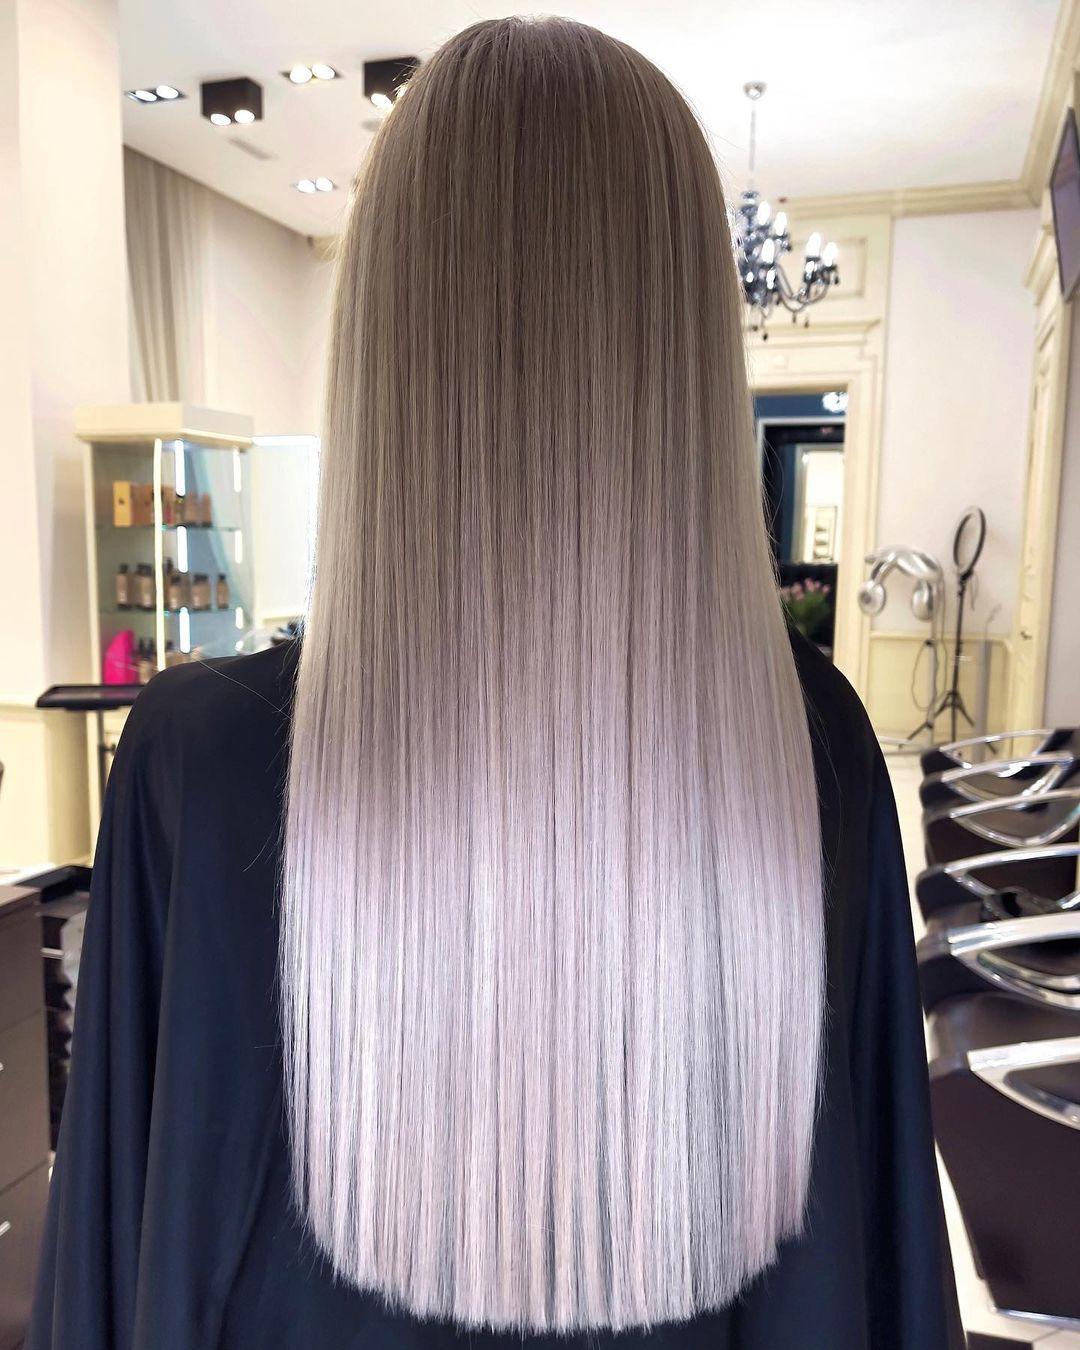 Design-Ideen für lange Haarfarben - Lange Frisuren und Haarschnitt 2021 -2022